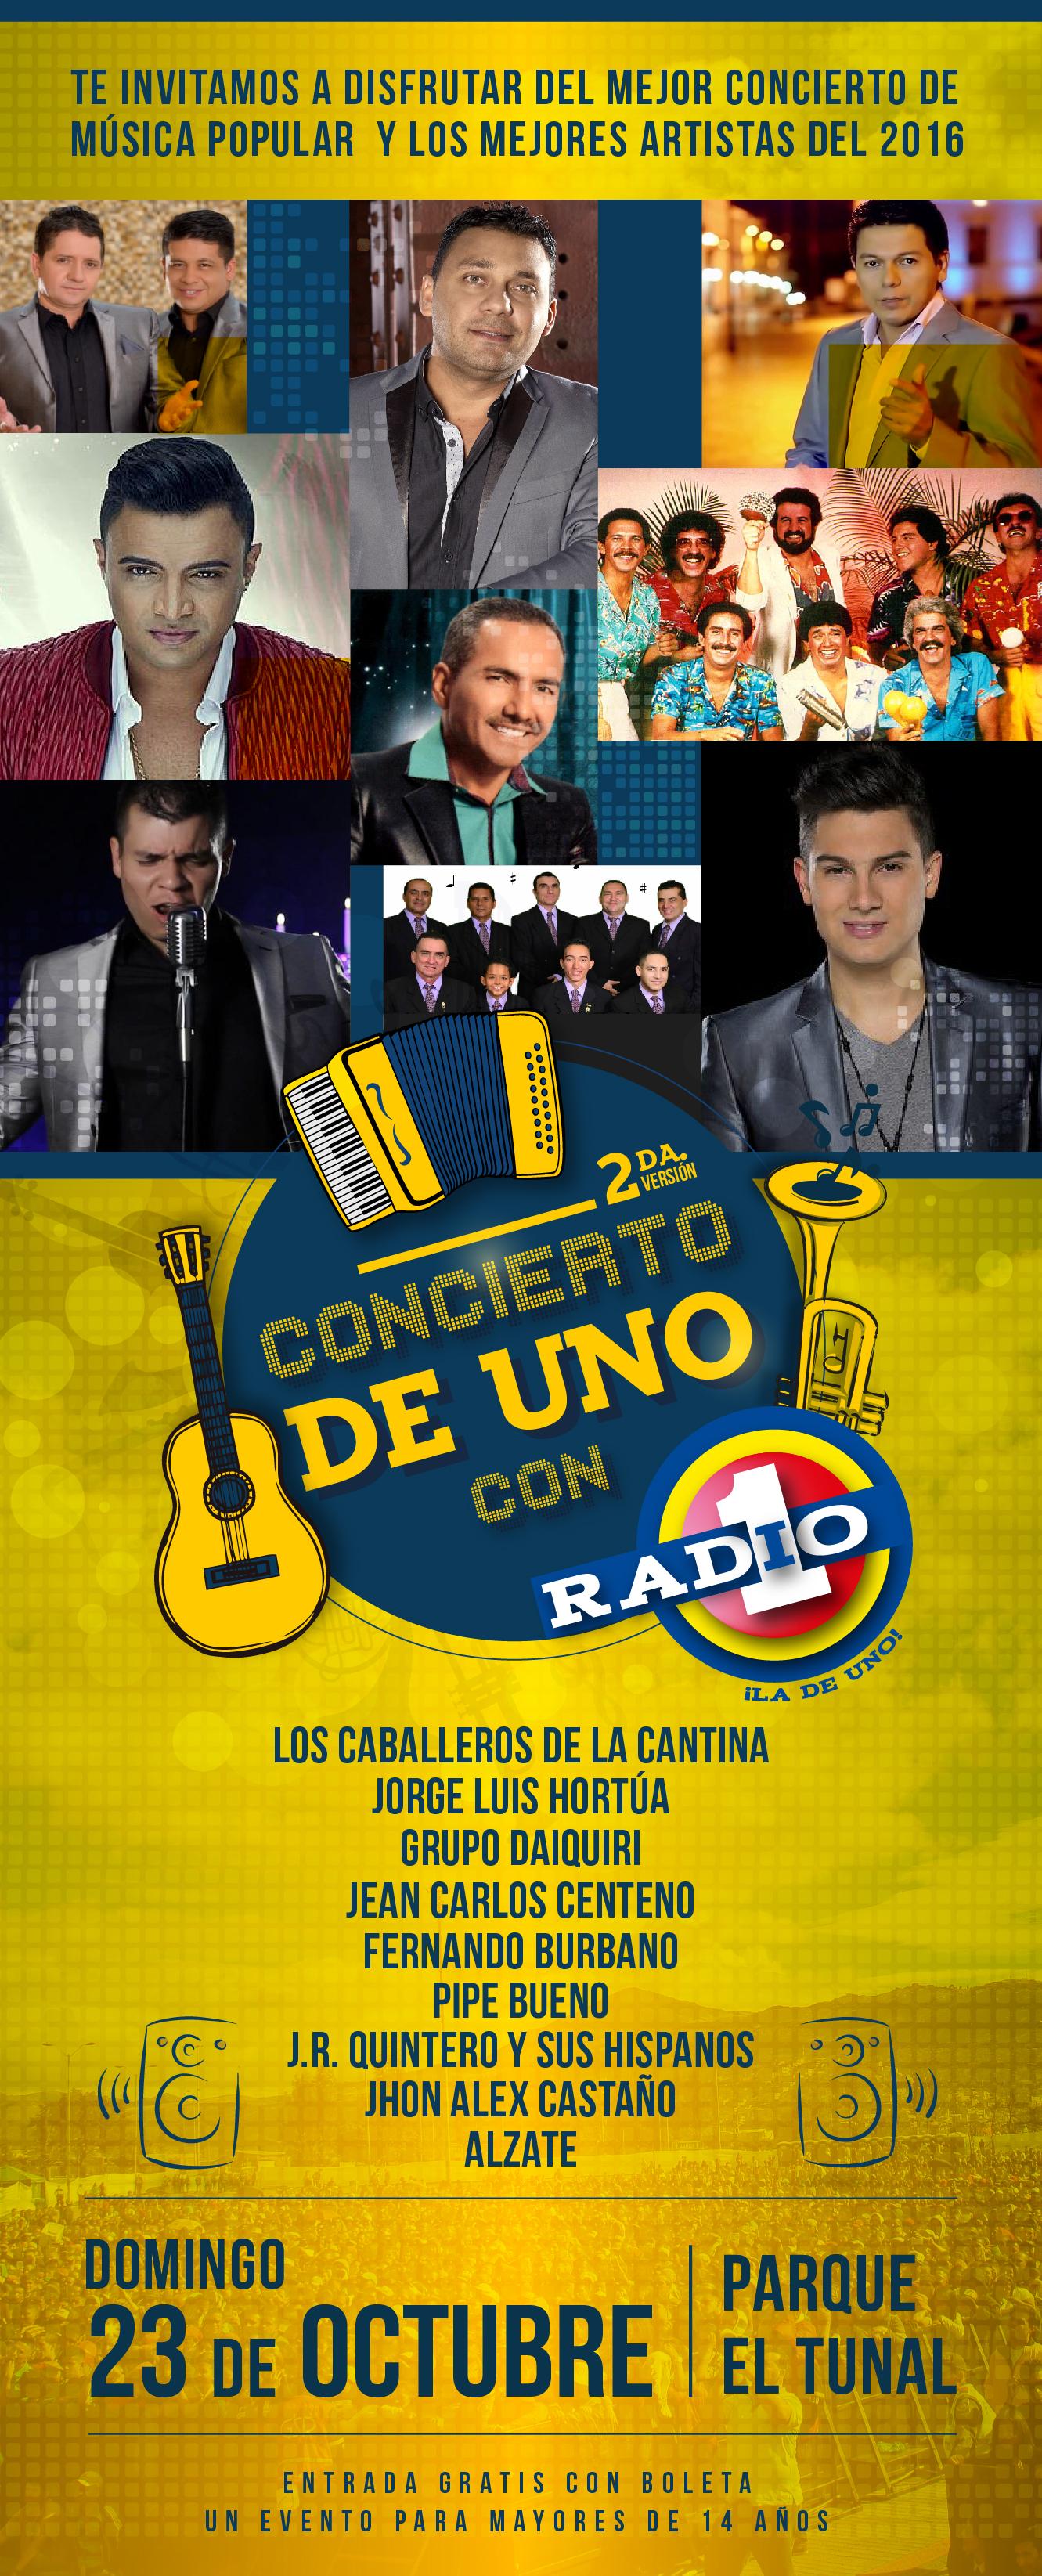 flyer-concierto-radio-1-01